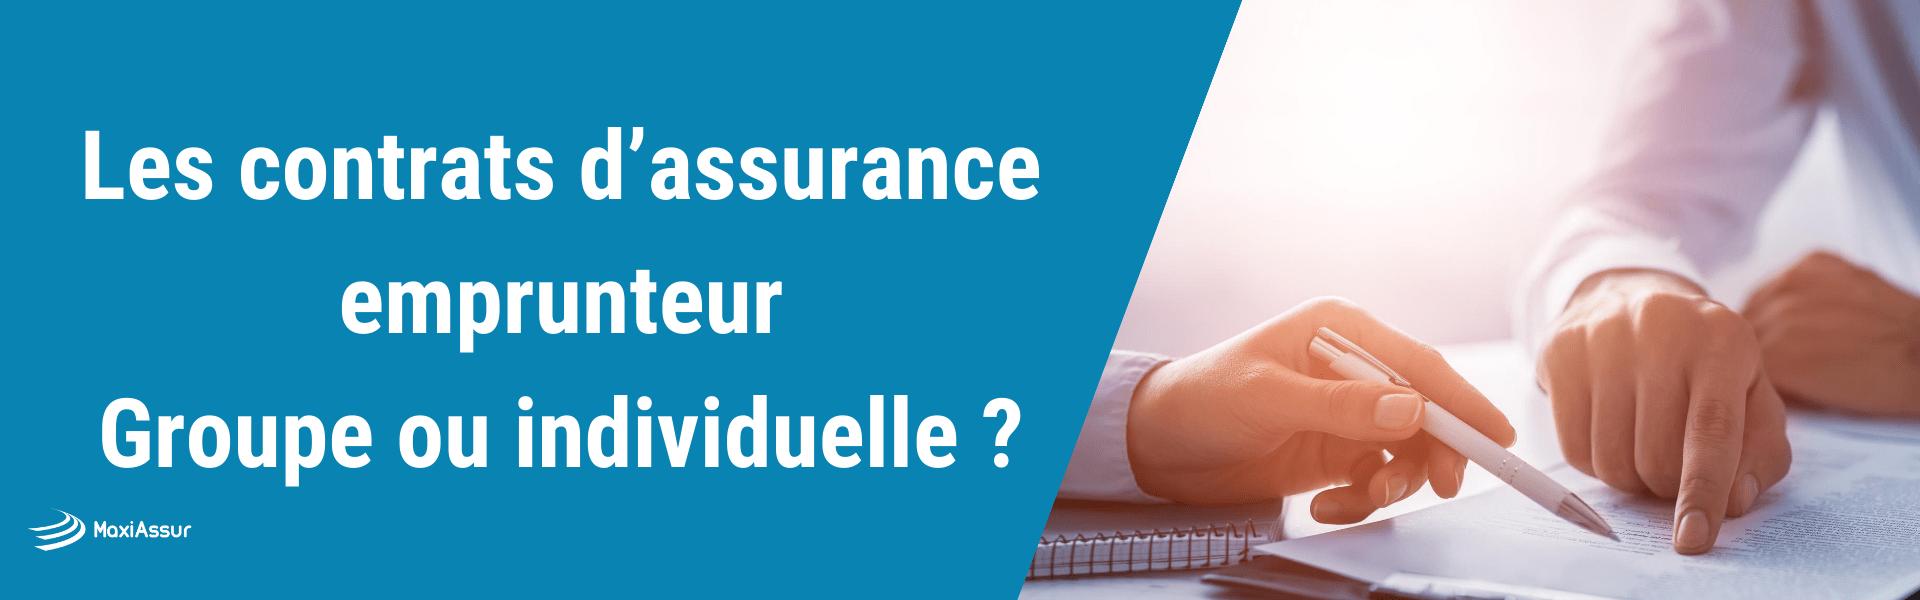 Les contrats d'assurance emprunteur groupe et individuelle